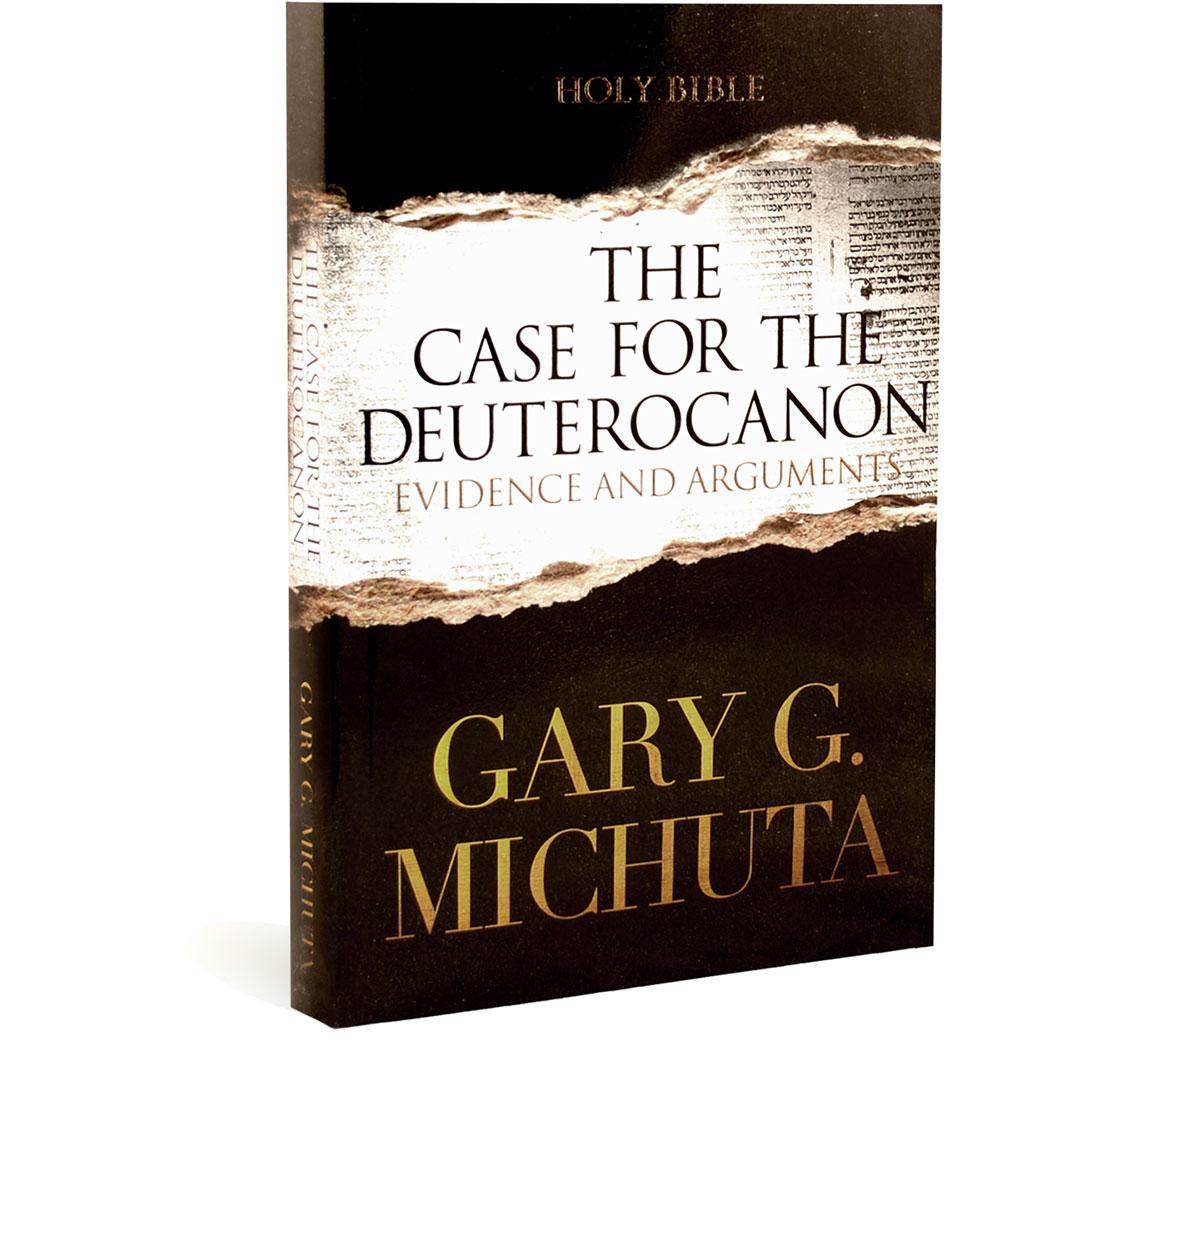 the-case-for-the-deuterocanon-michuta.jpg